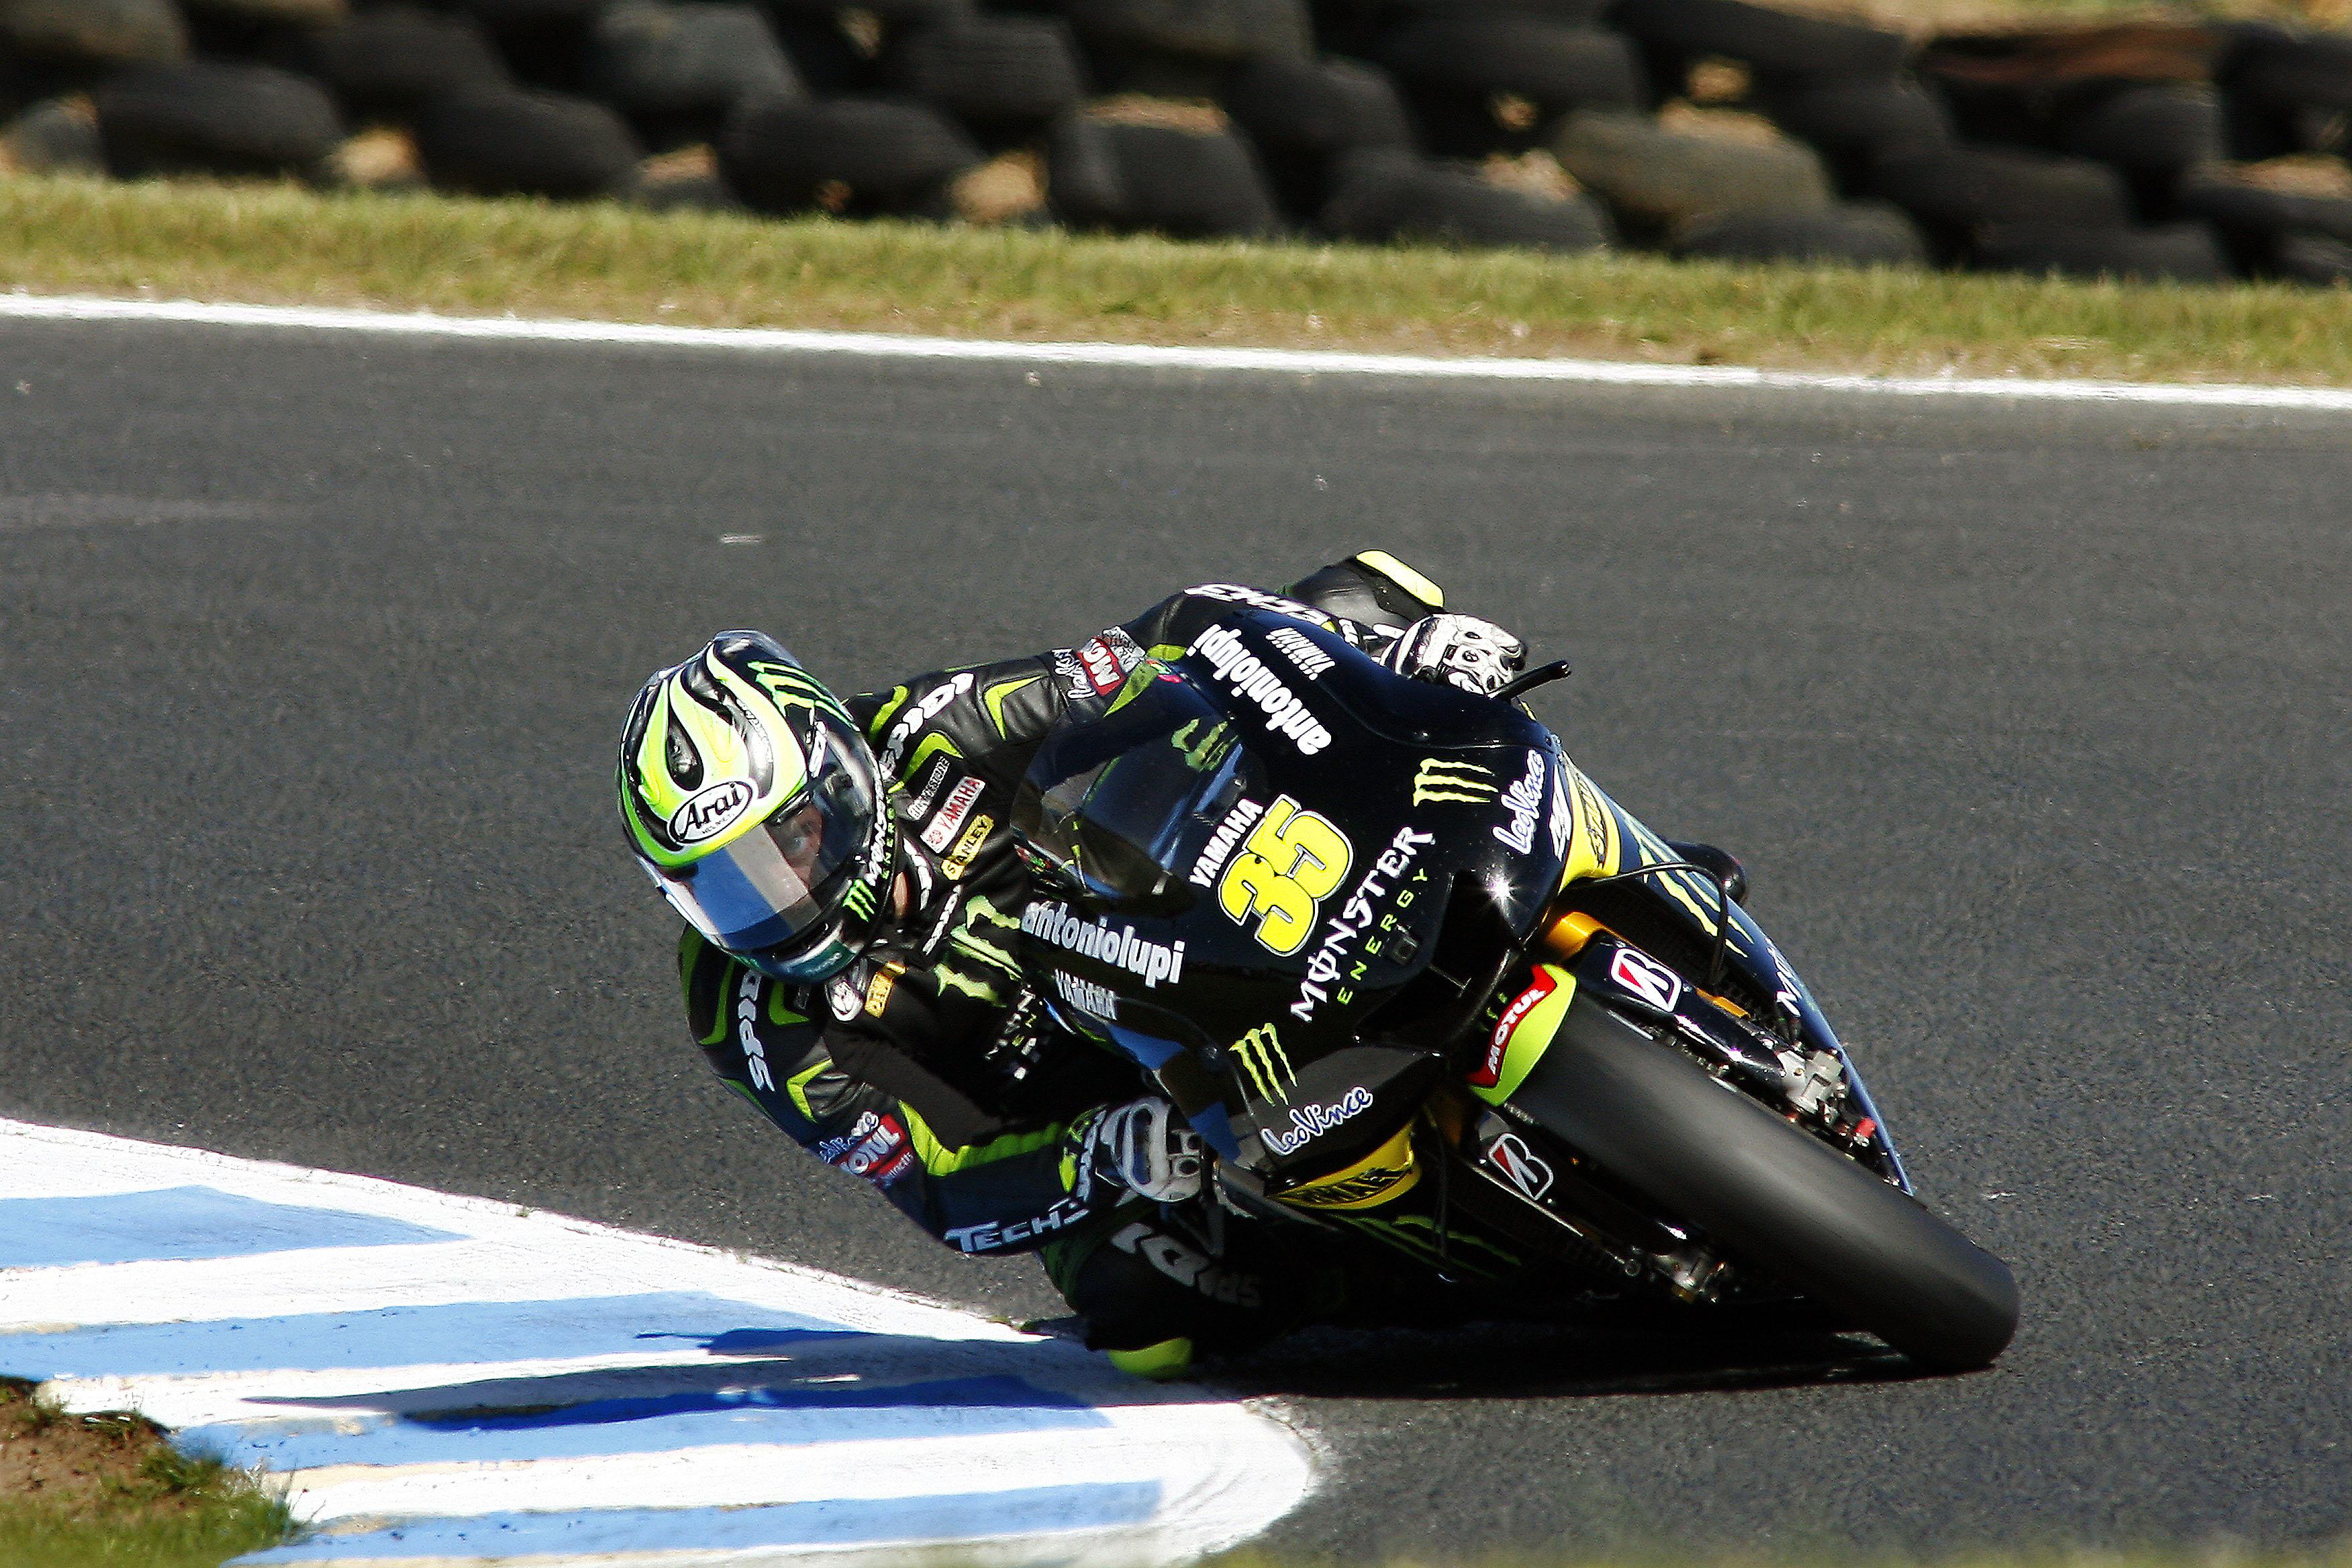 Cal Crutchlow Tech3 Yamaha Phillip Island MotoGP 2012